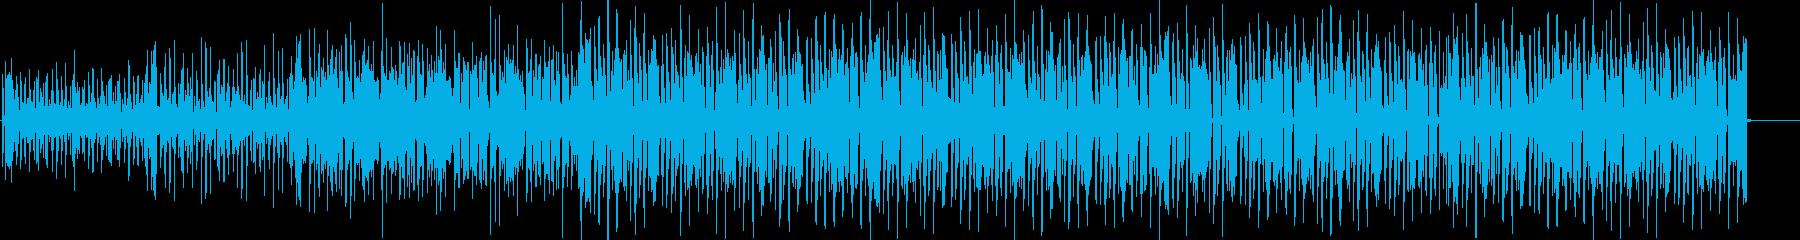 ベースのグルーブ溢れるファンク aの再生済みの波形